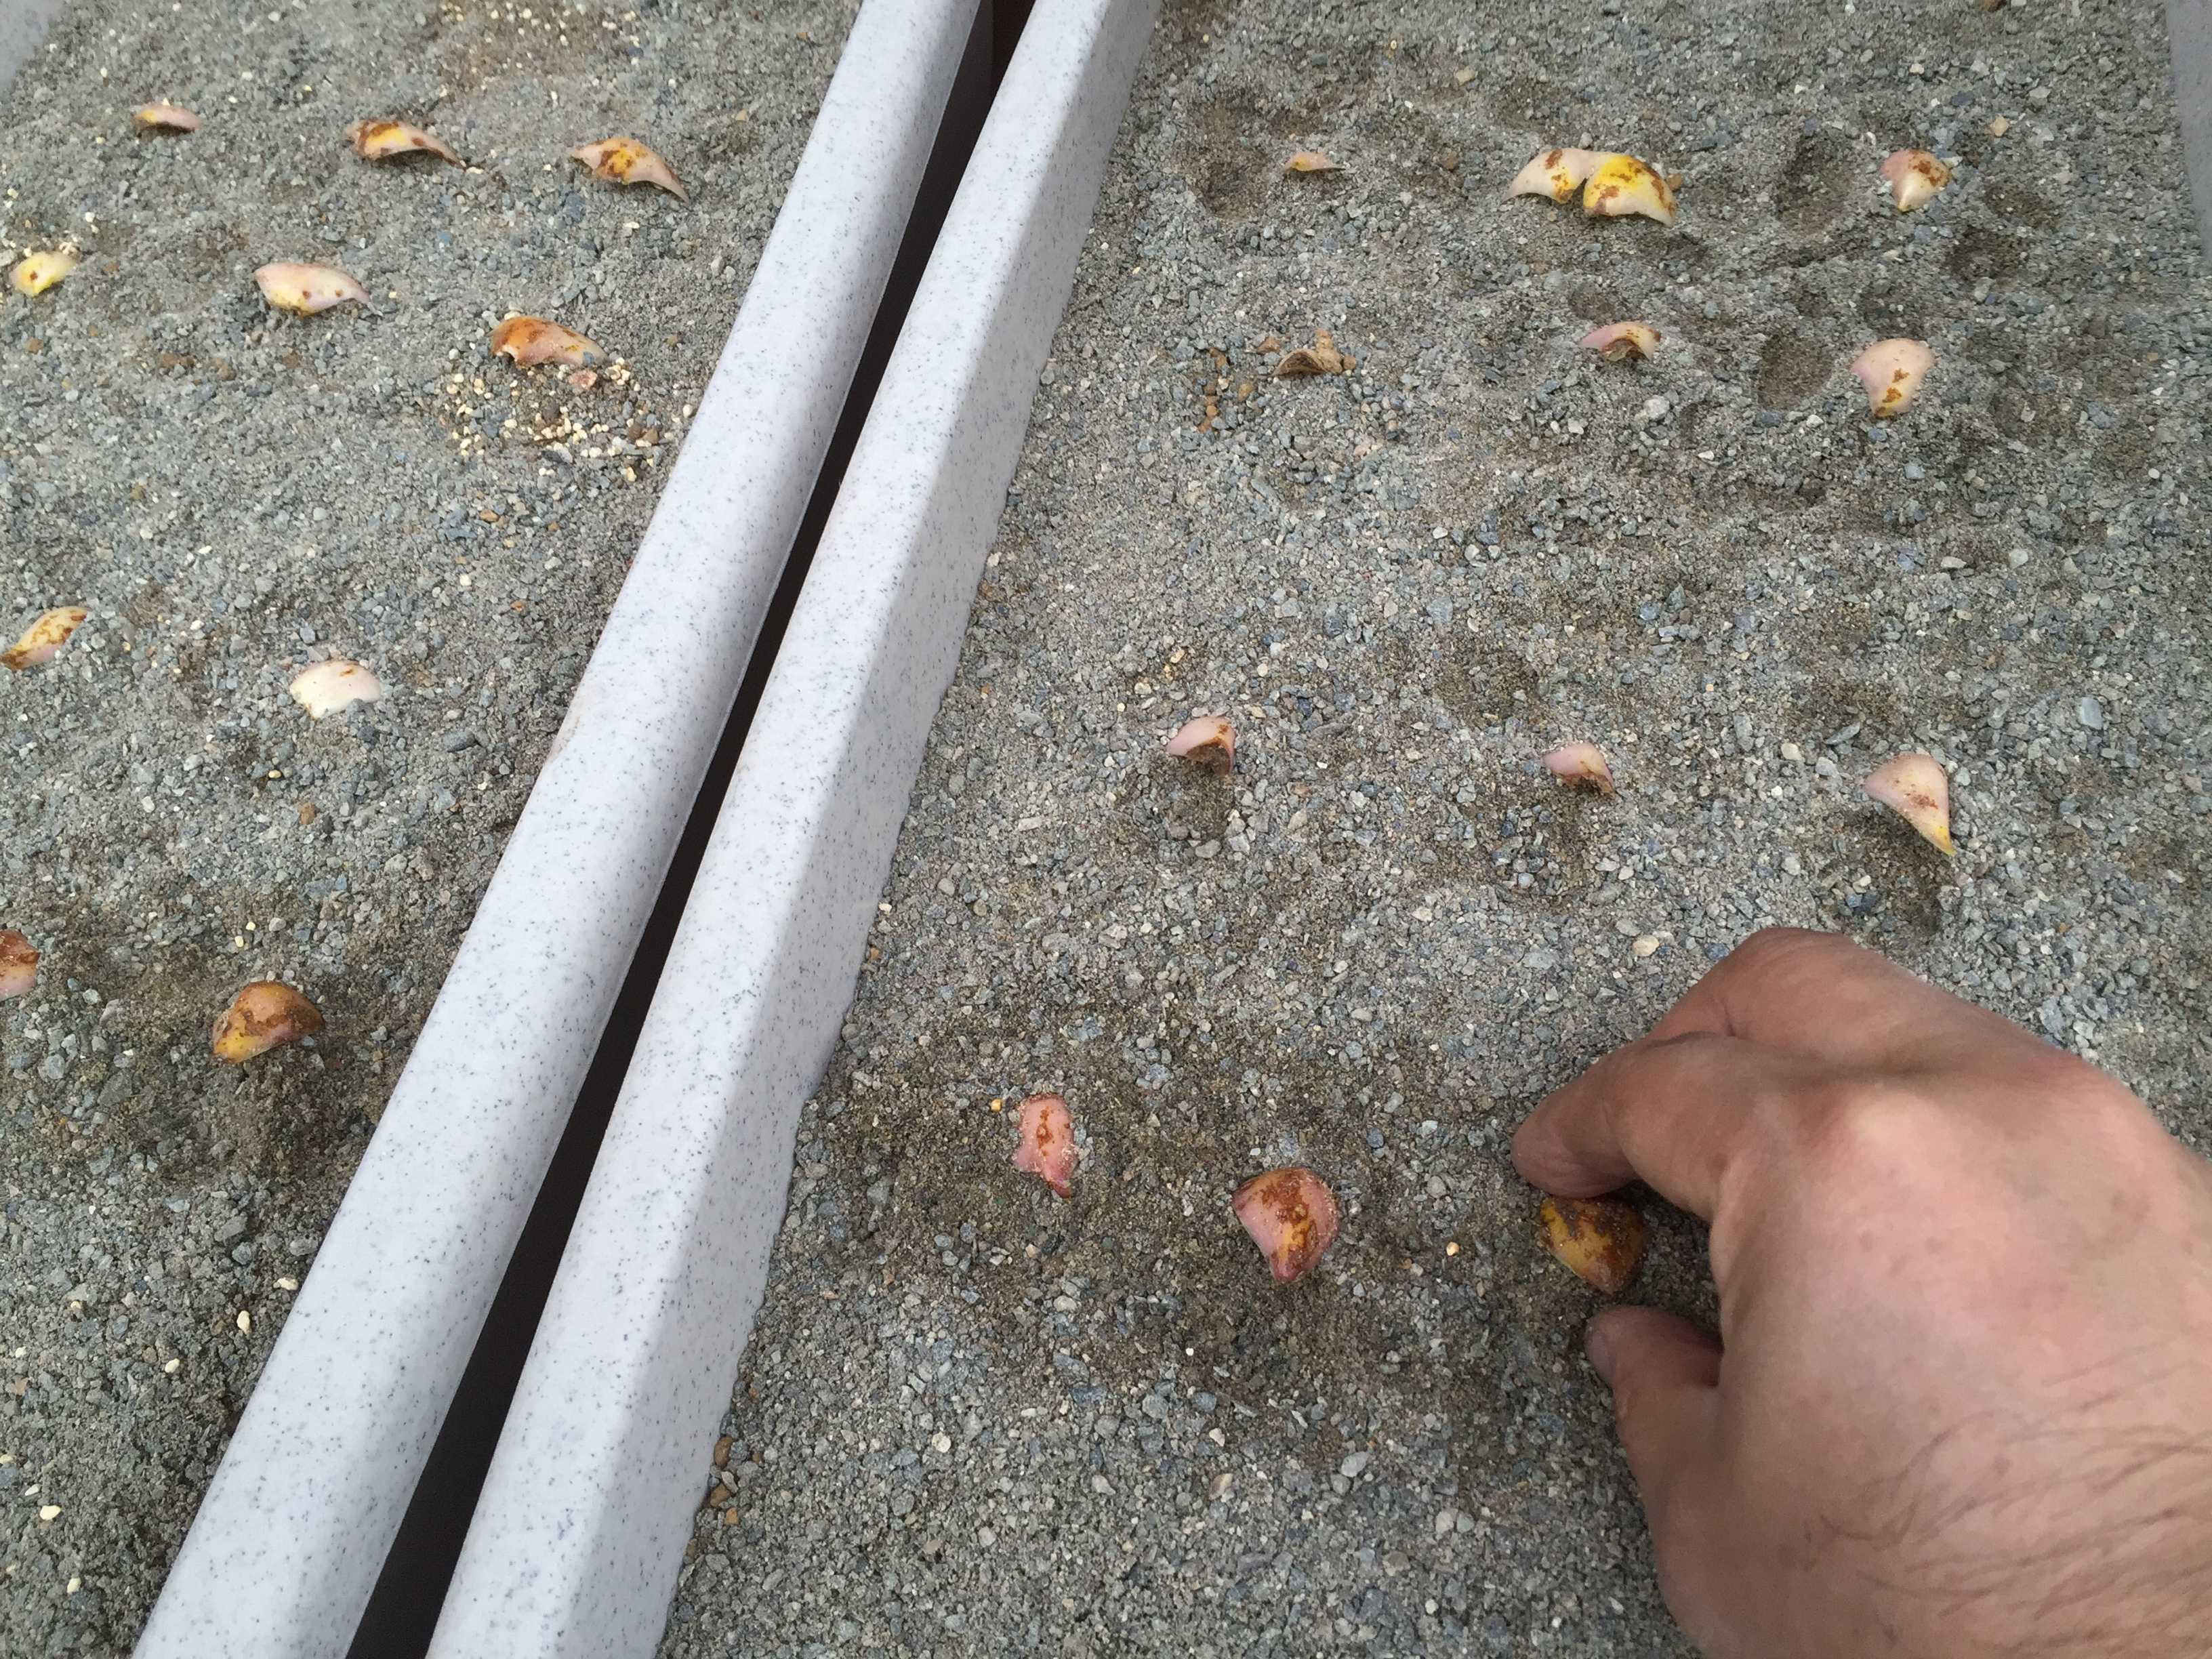 ヤマユリの鱗片を砂に挿す